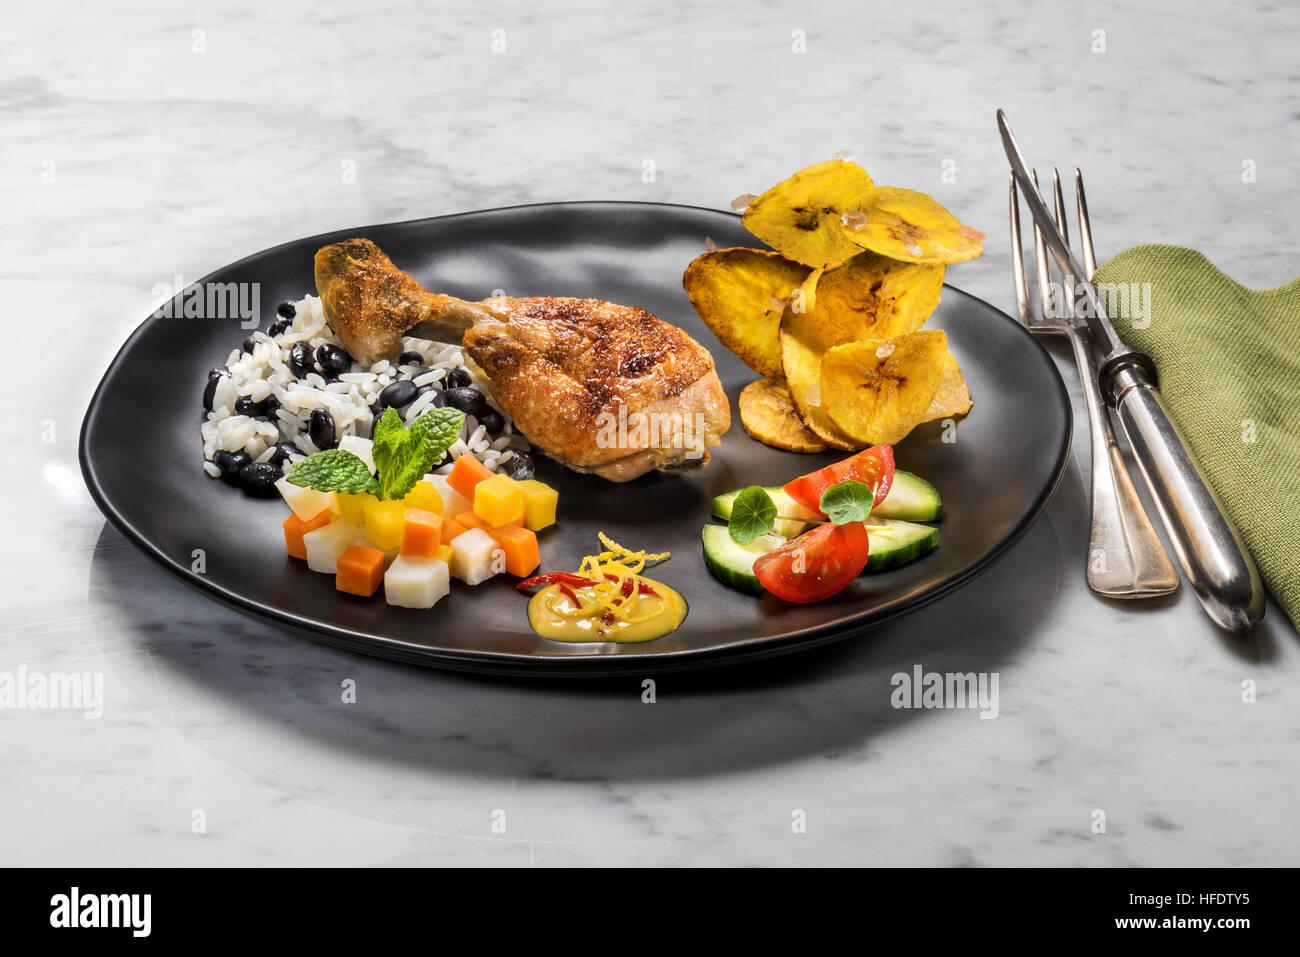 Cuisine cubaine typique, poulet, riz aux haricots noirs, beignets de banane, salade et légumes. CUBA kuba. Photo Stock